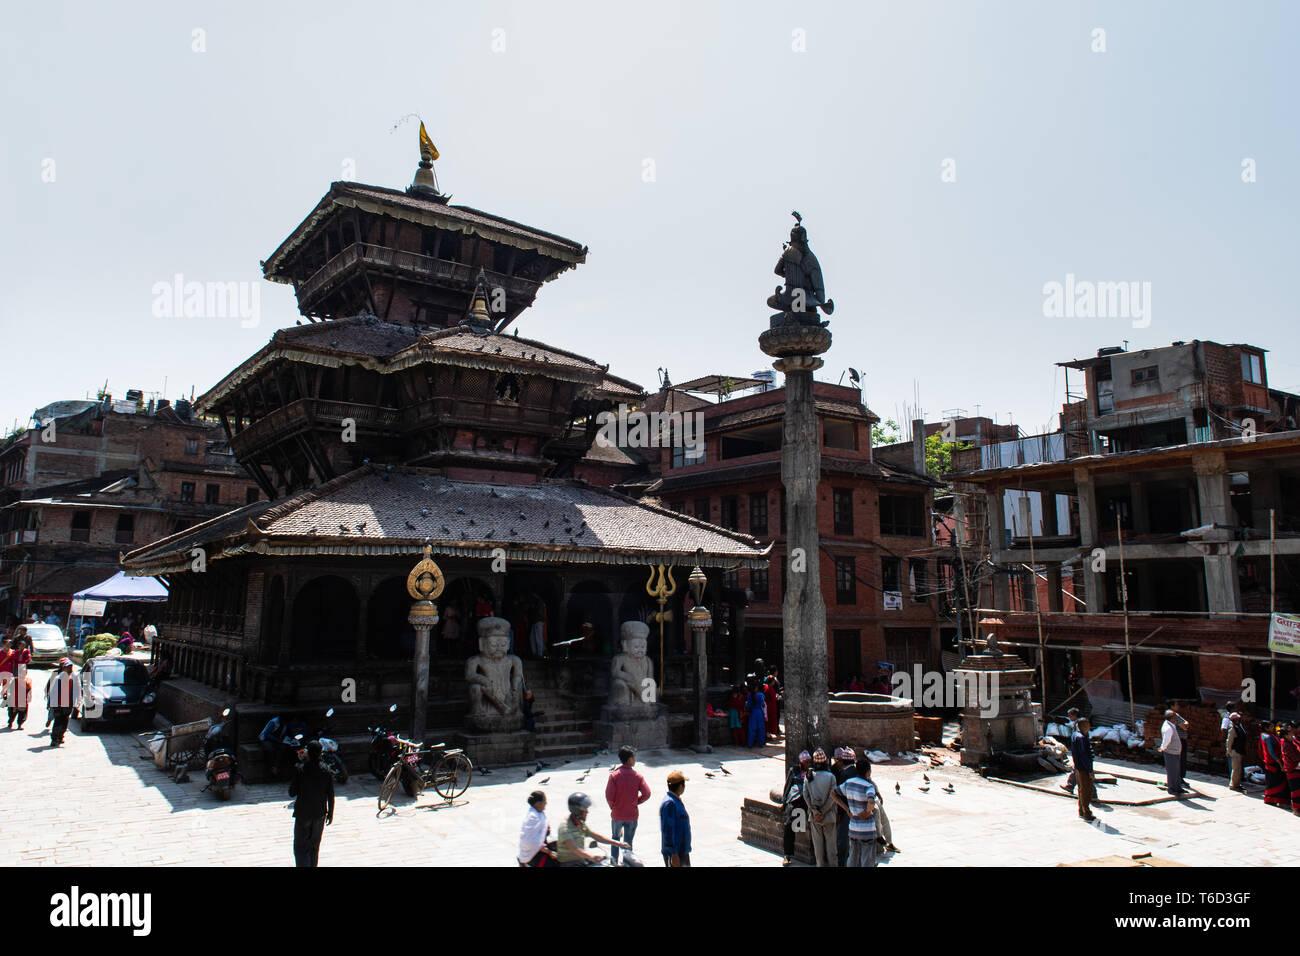 Bhaktapur, Tal von Kathmandu/Nepal - 17. April 2019 - die Einheimischen an Dattatreya Temple und den Platz in der Stadt. Stockbild